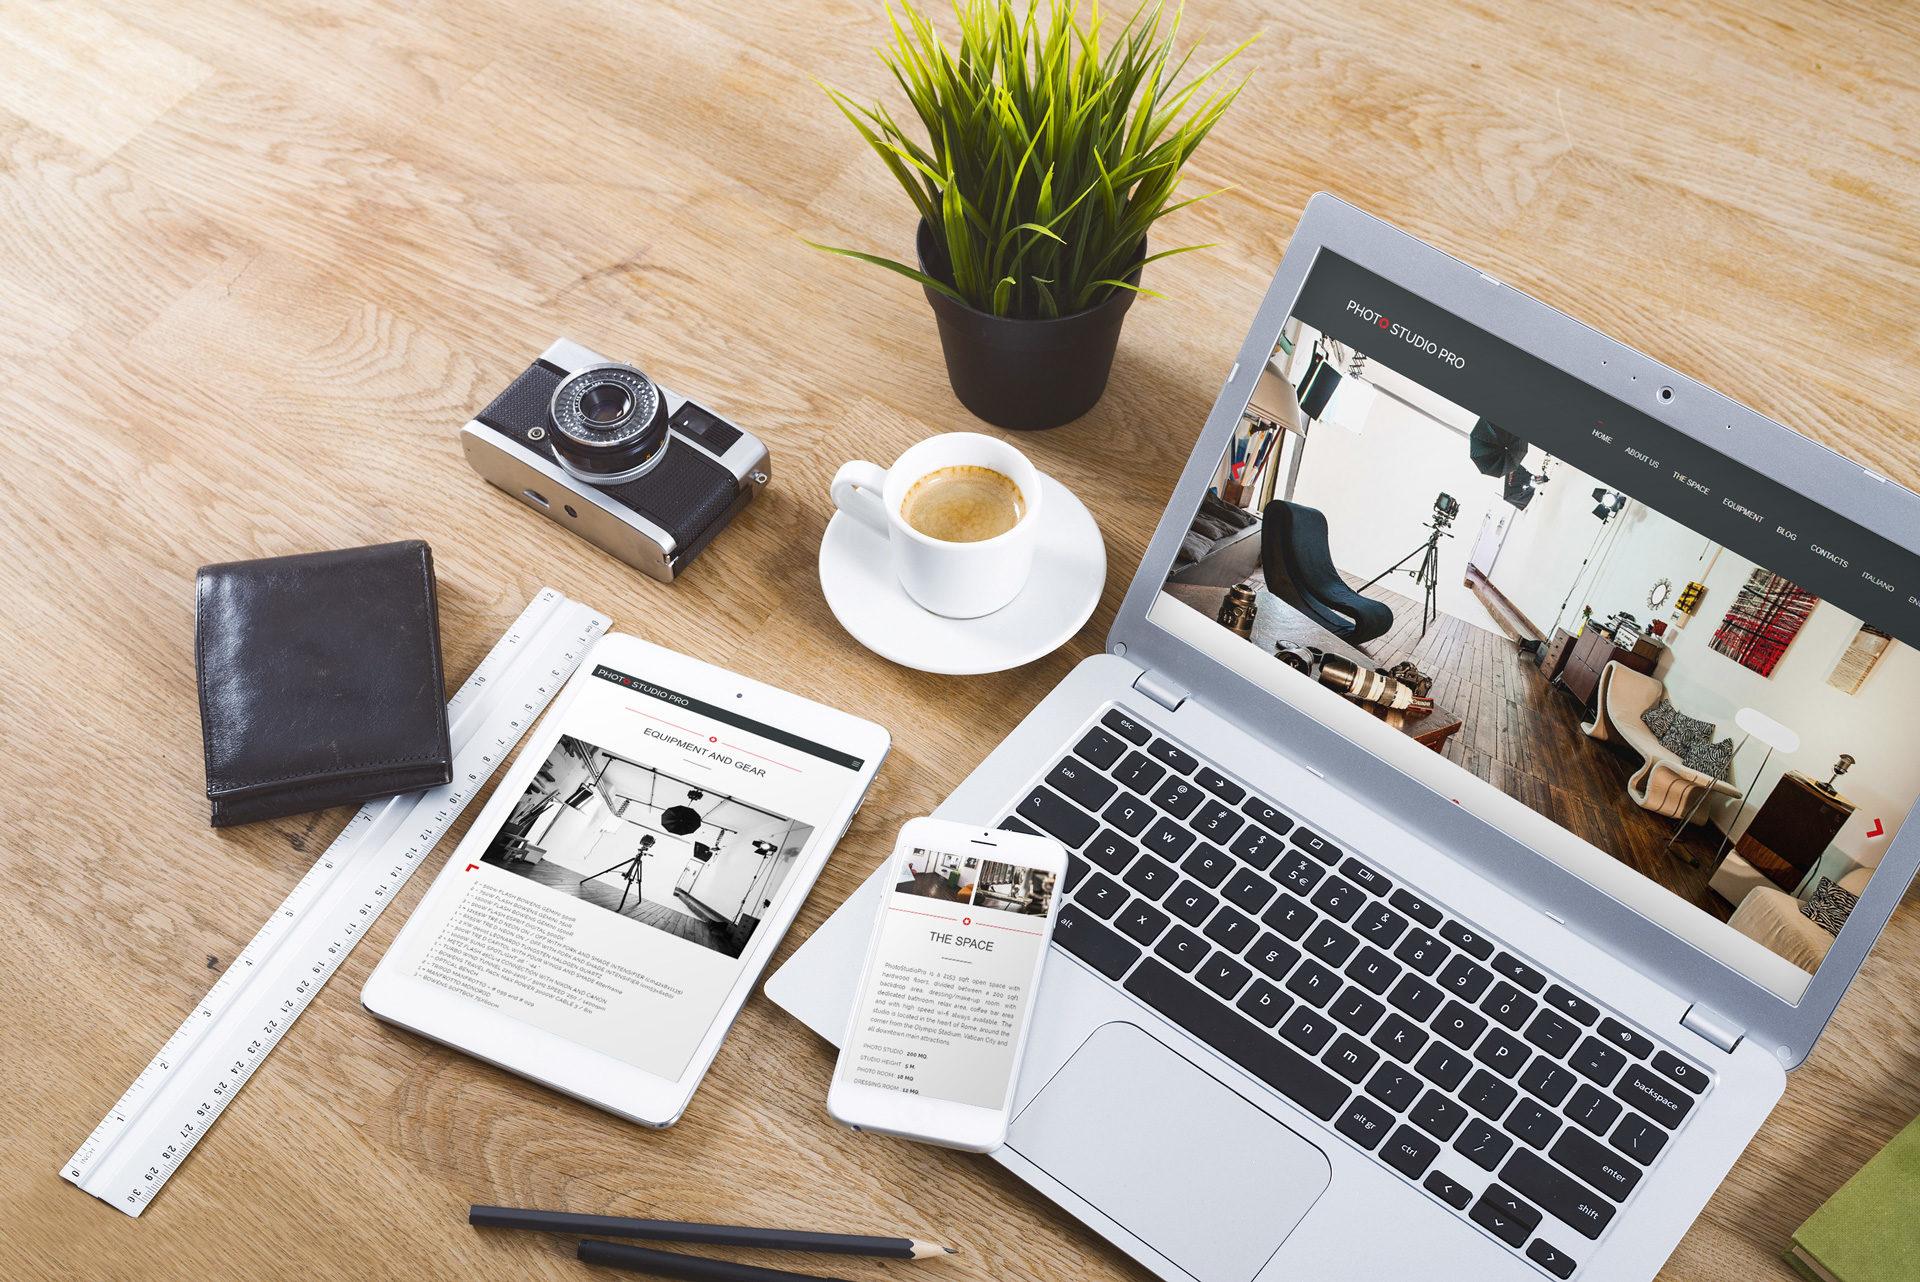 photostudiopro website